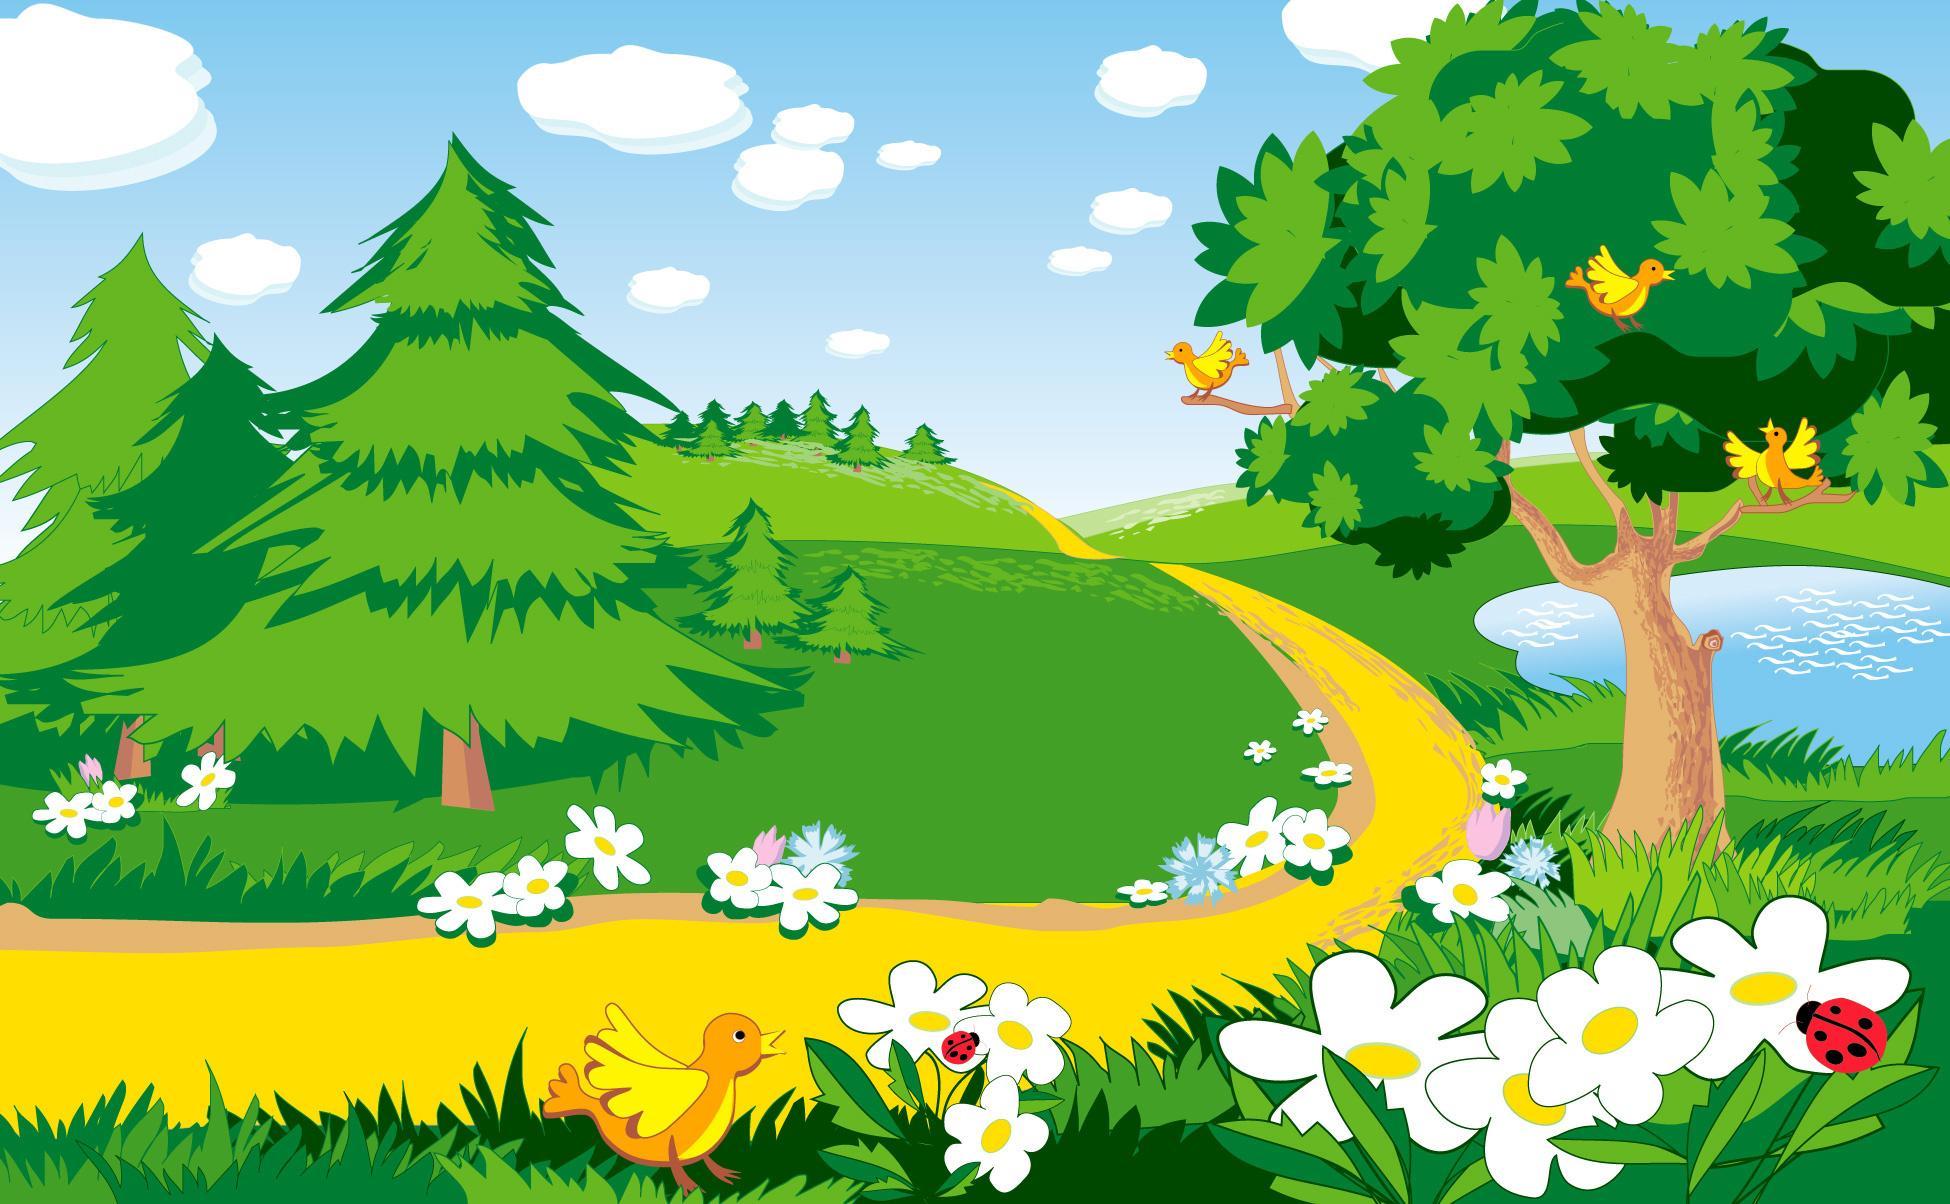 Картинки природы для детей дошкольного возраста